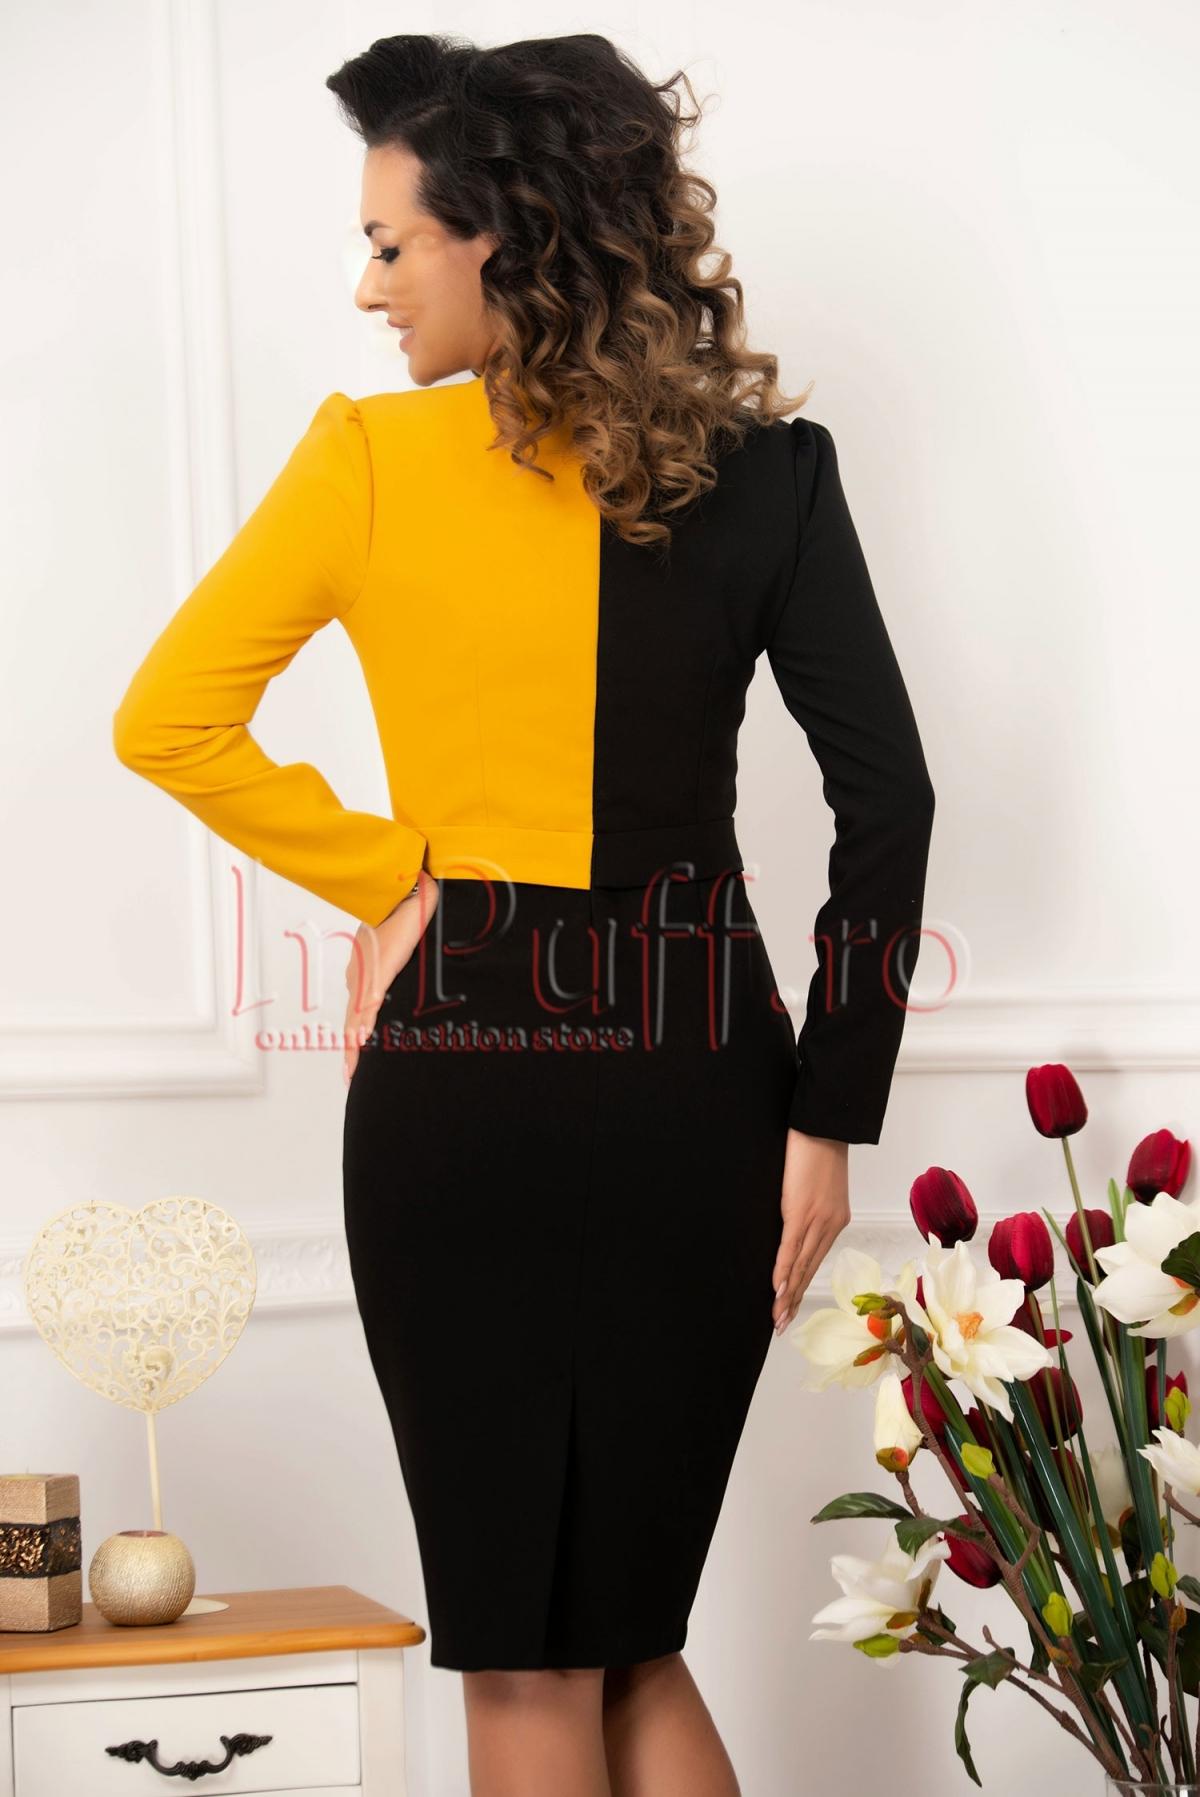 Rochie neagra conica cu decolteu petrecut galben-mustar